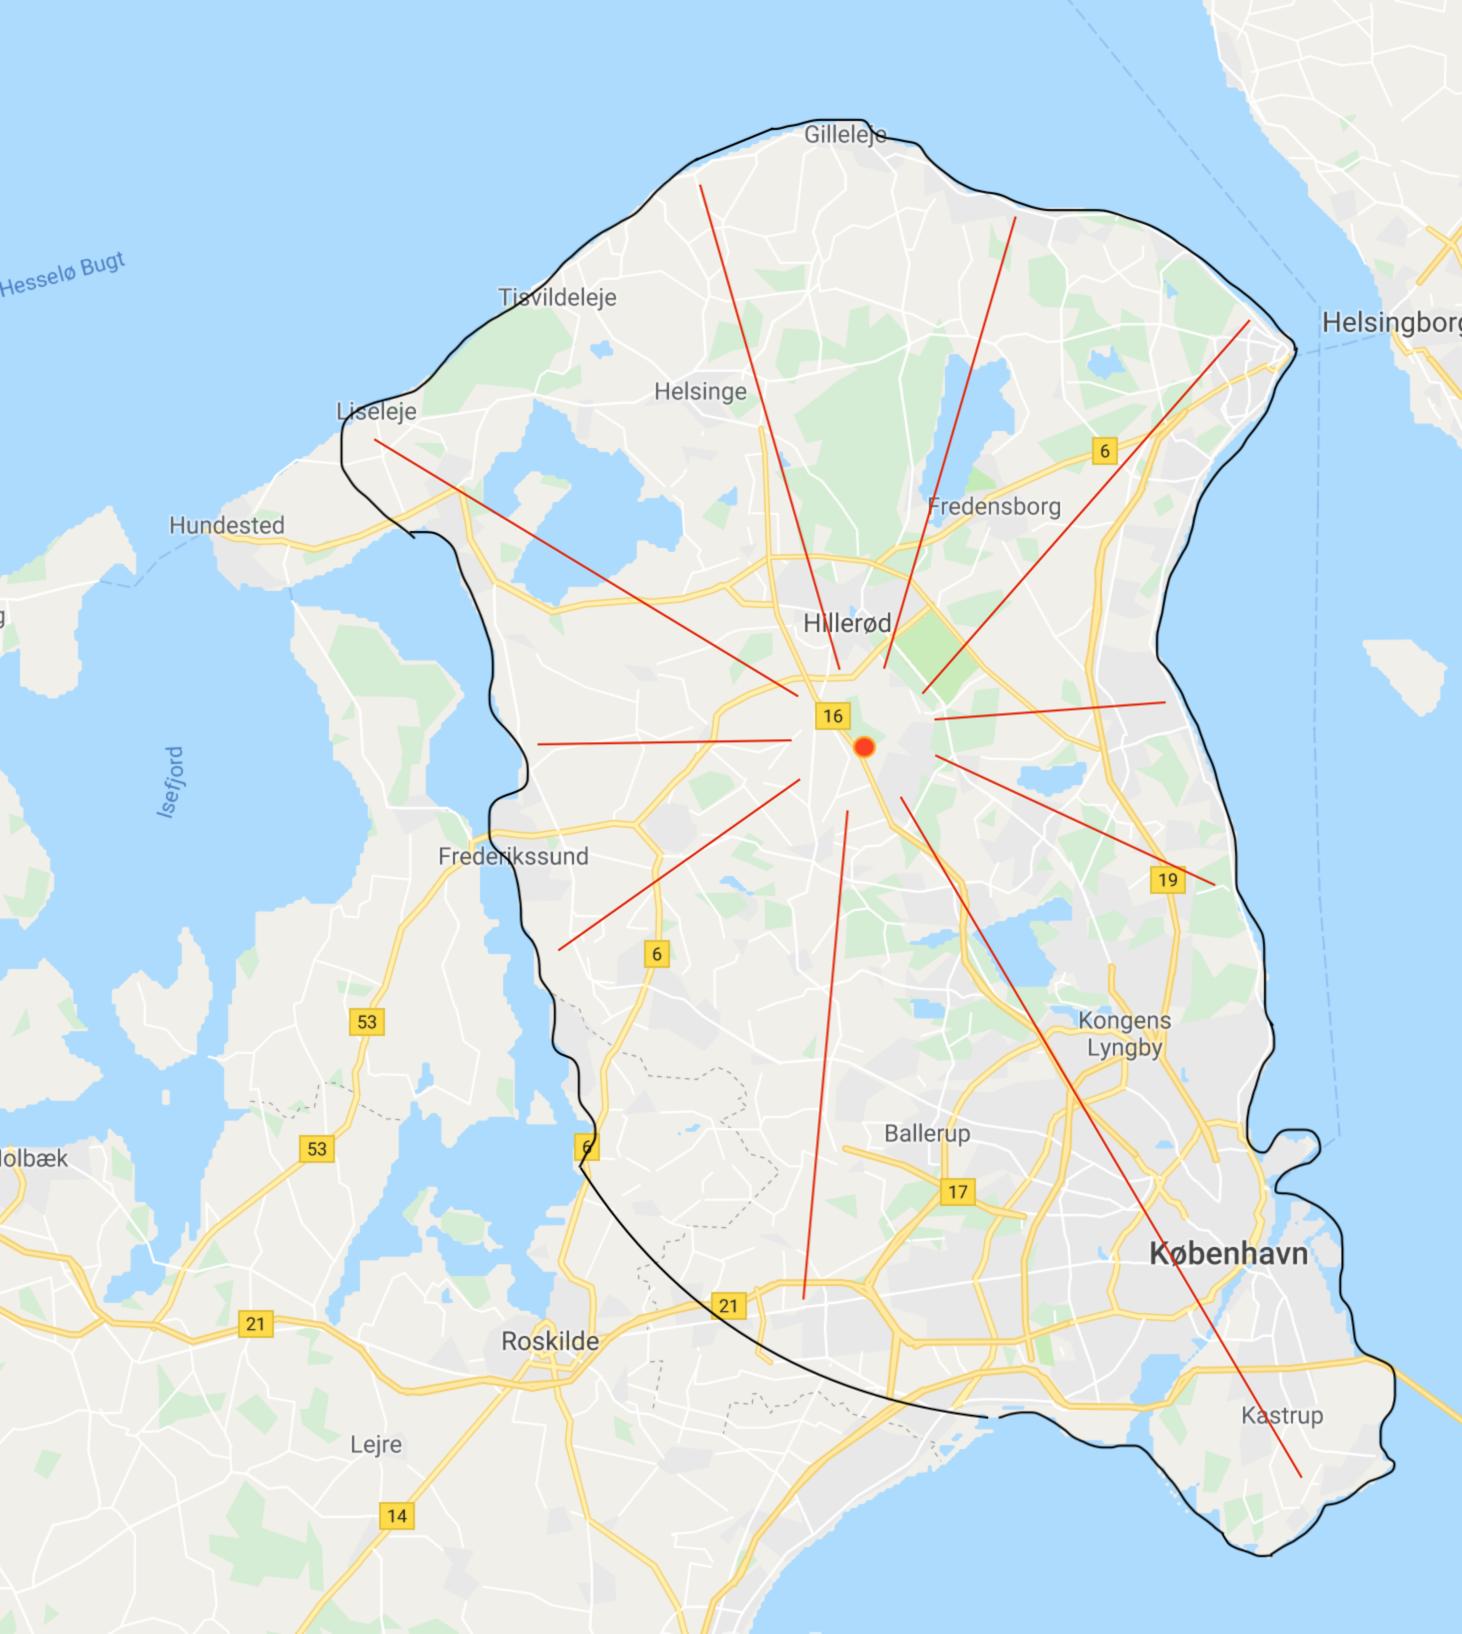 Personlig levering i hele Nordsjælland og Københavnsområdet